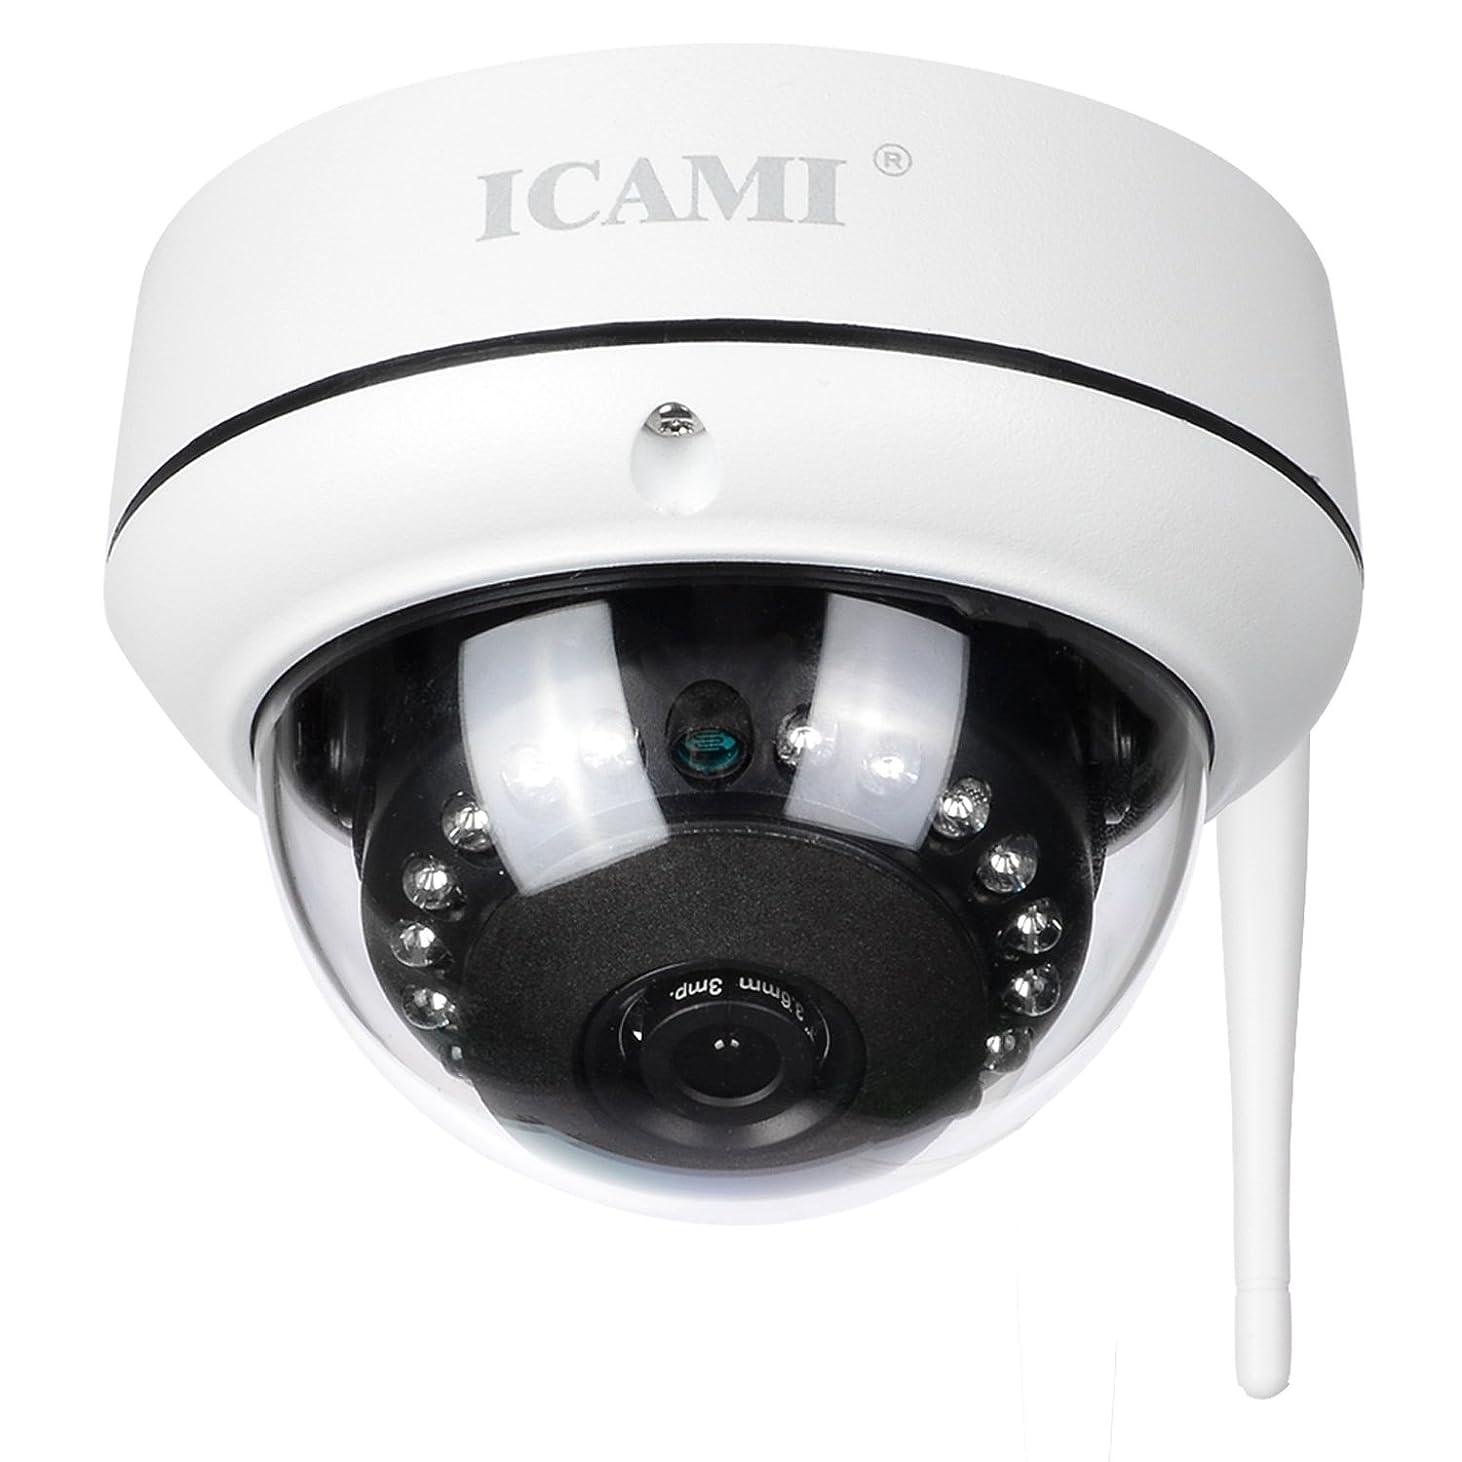 市の中心部デンプシー過言ICAMI 防犯カメラ HD 720P ワイヤレス IP 監視カメラ SDカードスロット内臓で自動録画 WIFI対応 動体検知 アラーム機能 暗視撮影